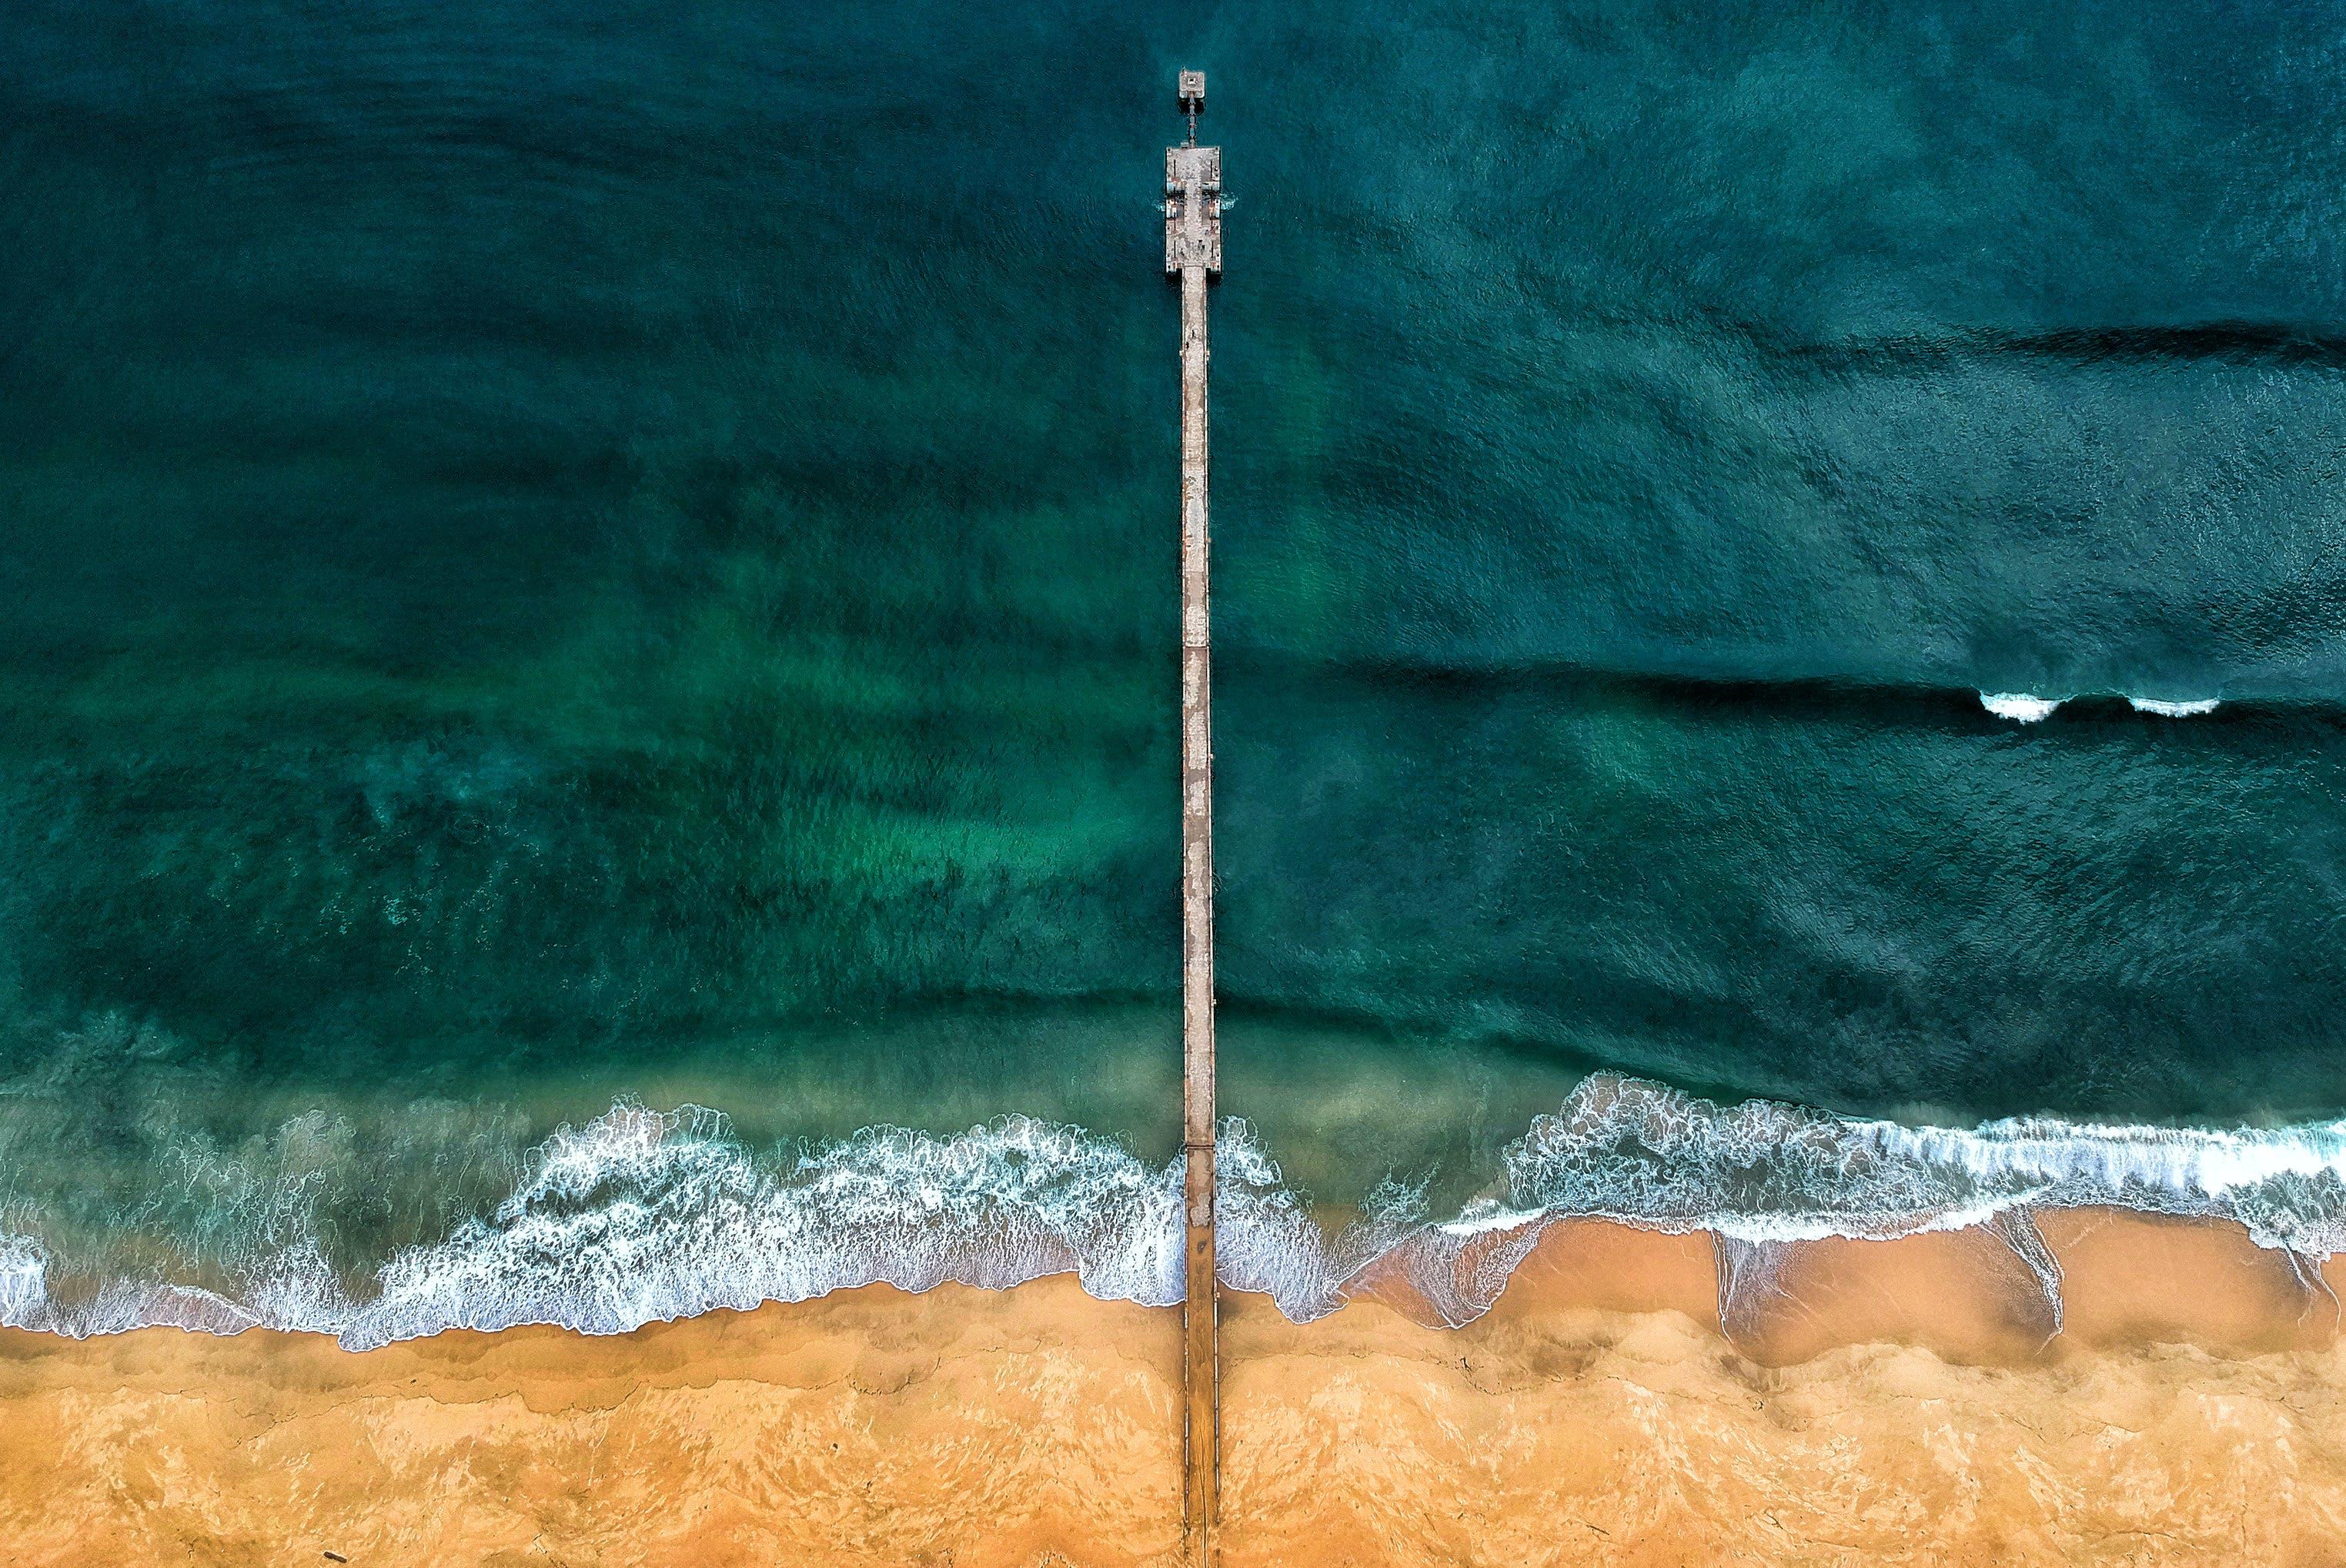 Бесплатное стоковое фото с вода, волны, дневной свет, живописный